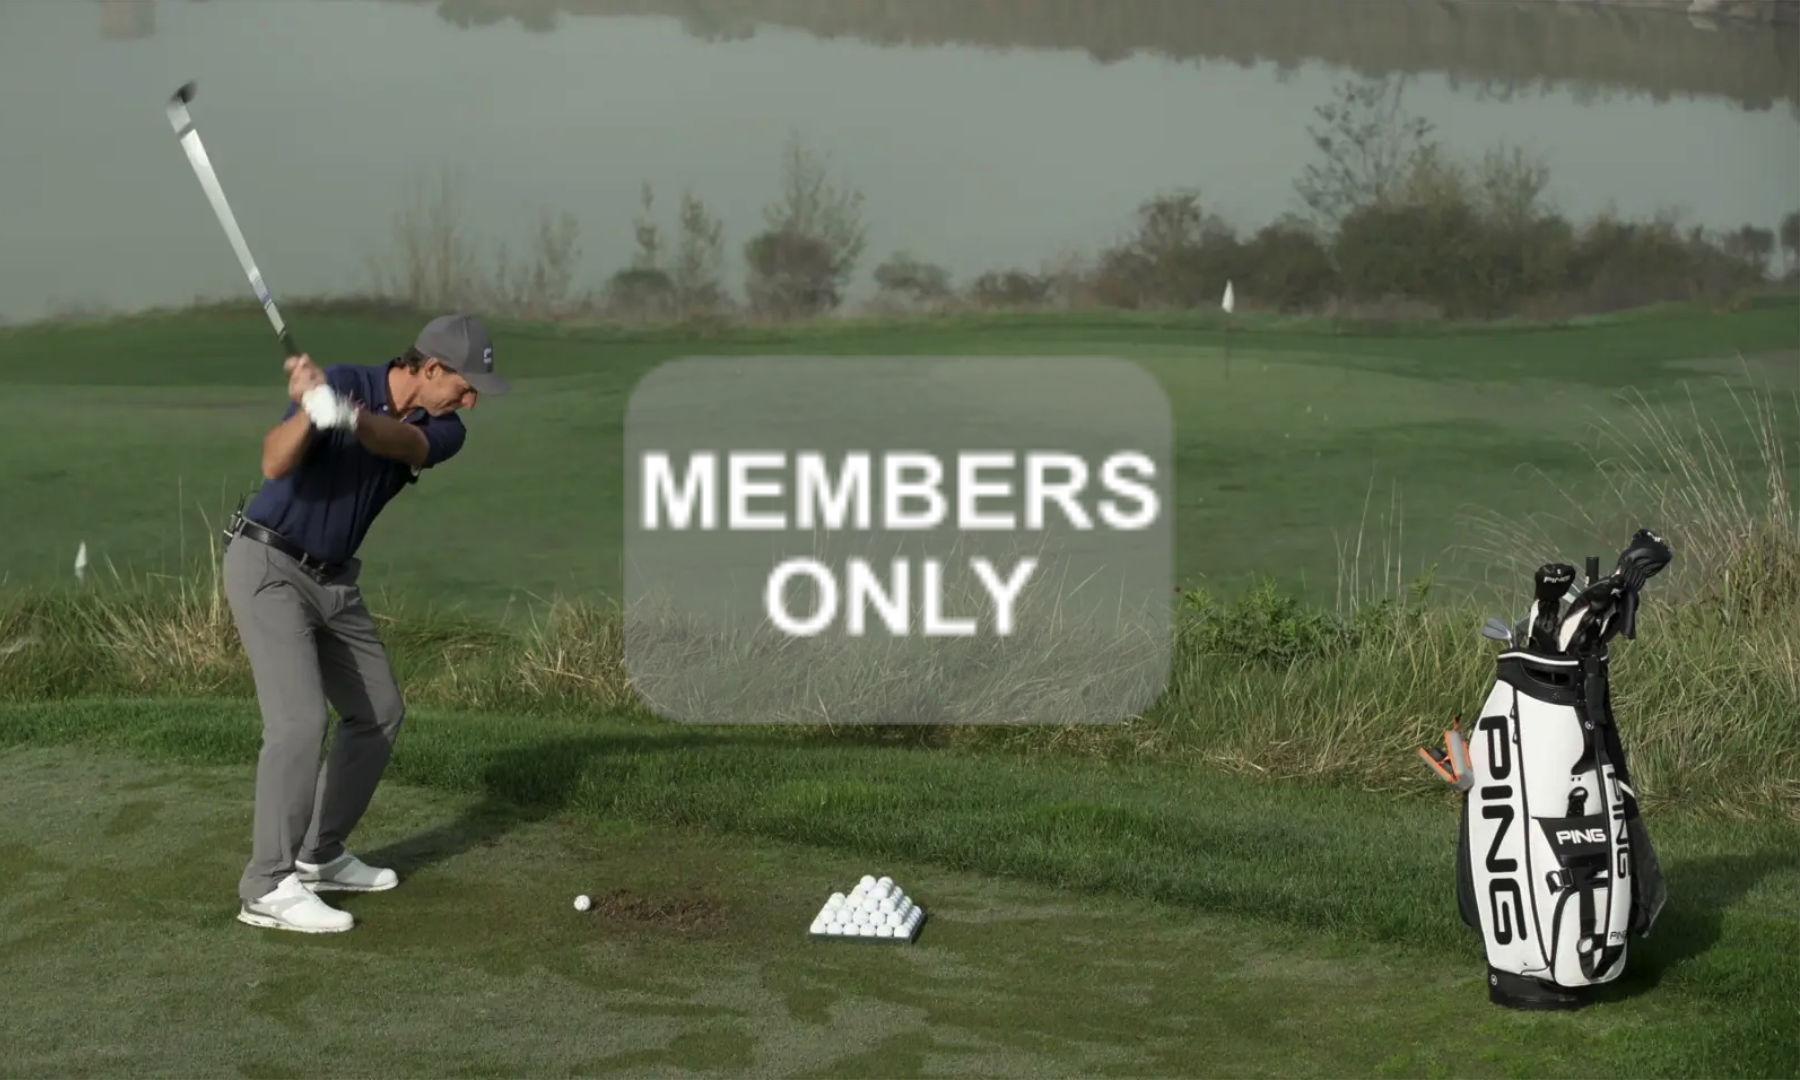 Golf | Trainingsspiele für Ihr Golfspiel | 10 gegen 100